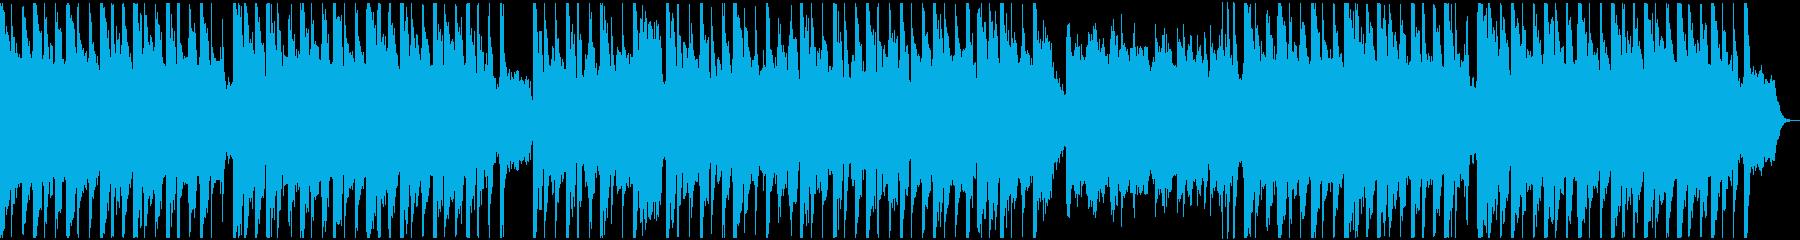 元気で明るいパレードのような三拍子の曲の再生済みの波形